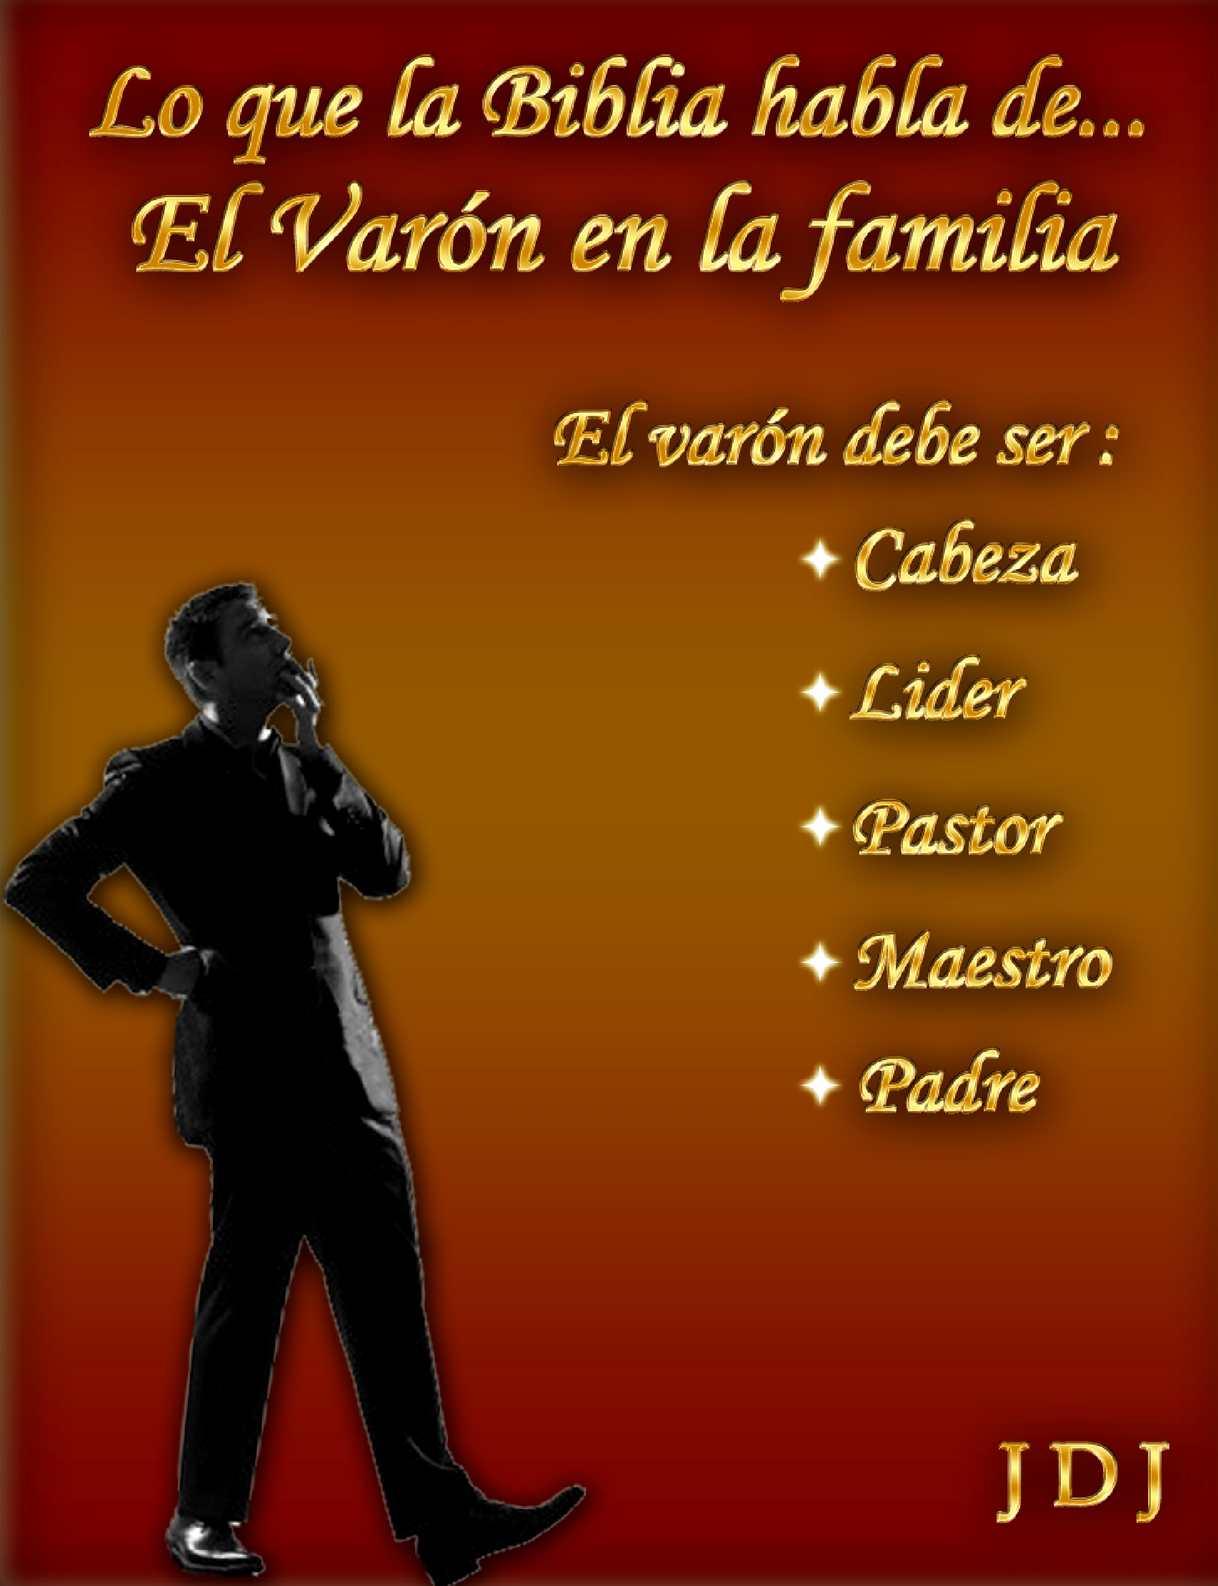 Calaméo - Lo que la Biblia habla de: El varón en la familia